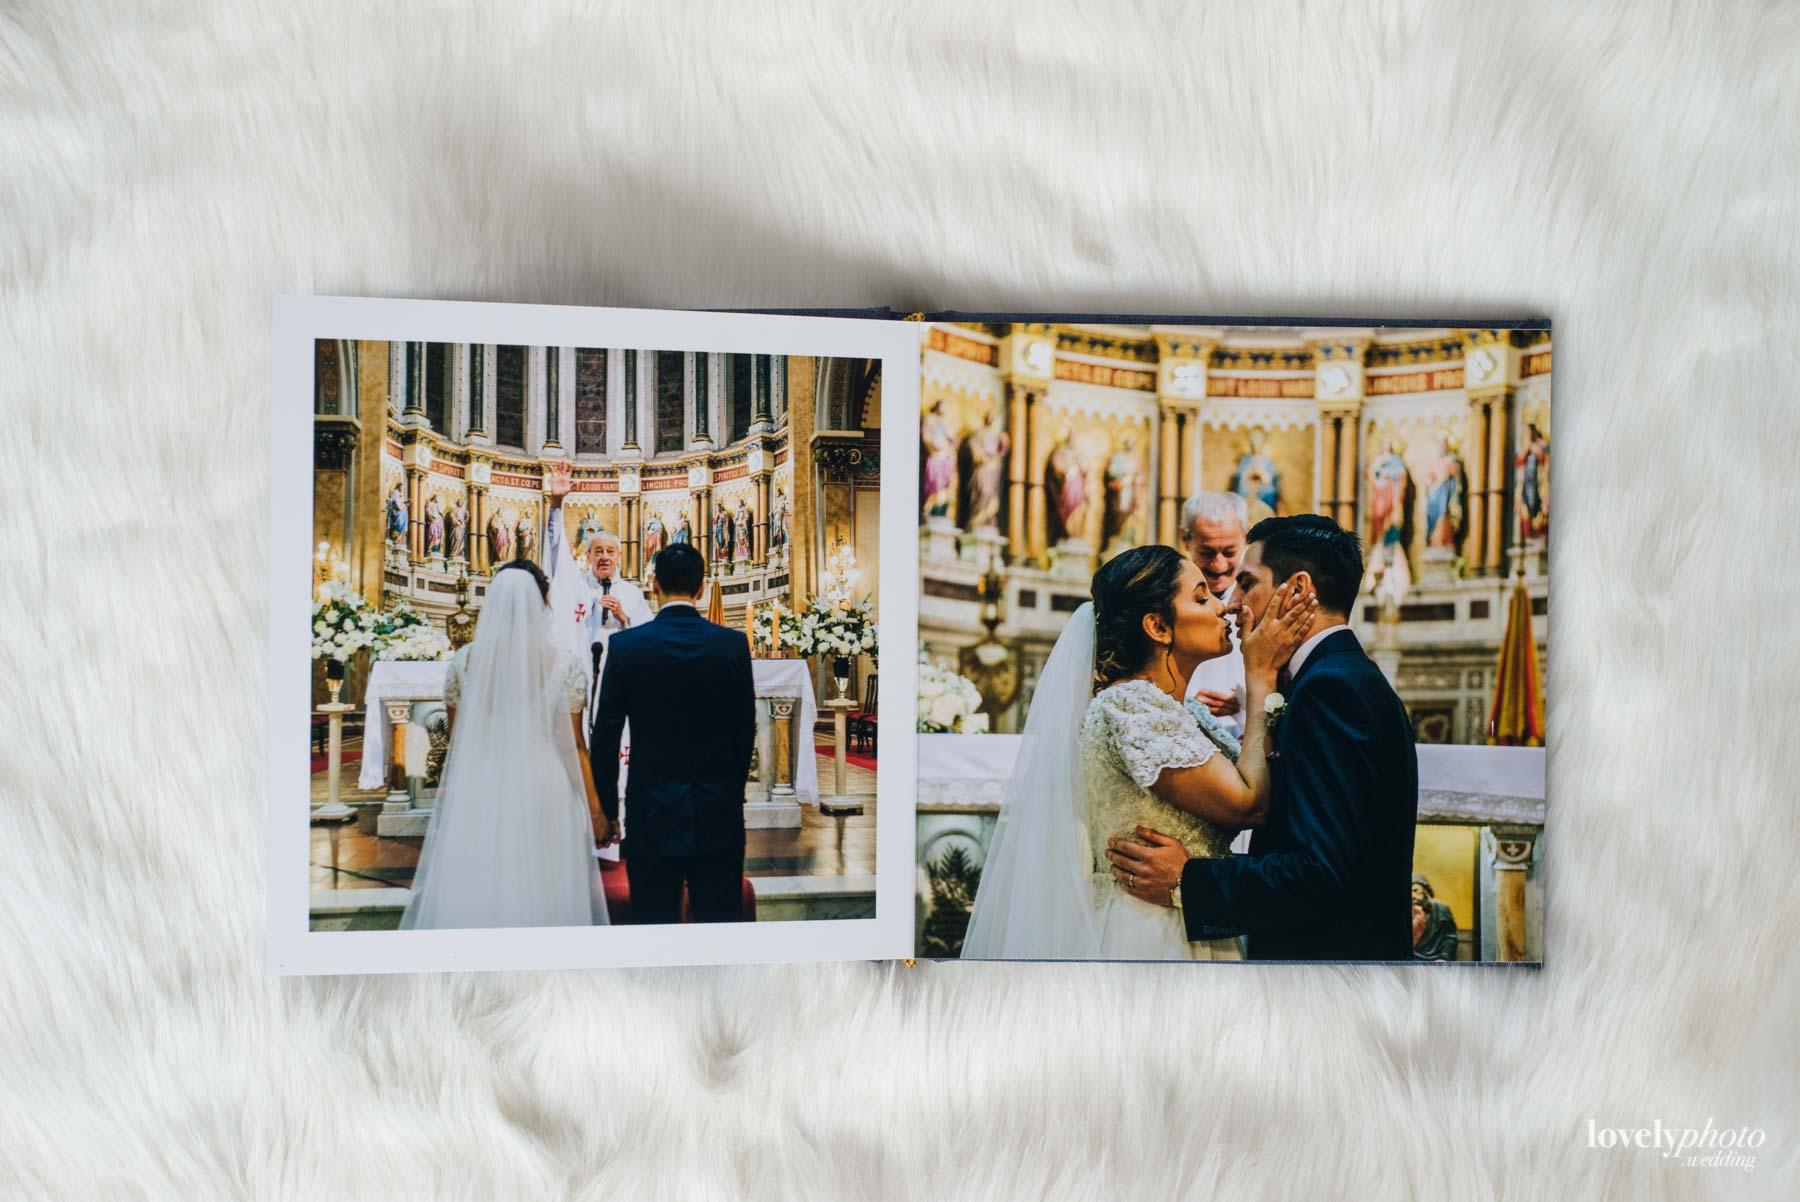 Fotolibro Photobook álbum de bodas. Fotolibro casamiento. Fotografo casamientos Argentina. Lovely Photo . Libros bodas. Álbum bodas. Precio fotografo. Álbum 15 años, book 15 años, fotolibro 15 años, fiesta de 15, fiesta de 15